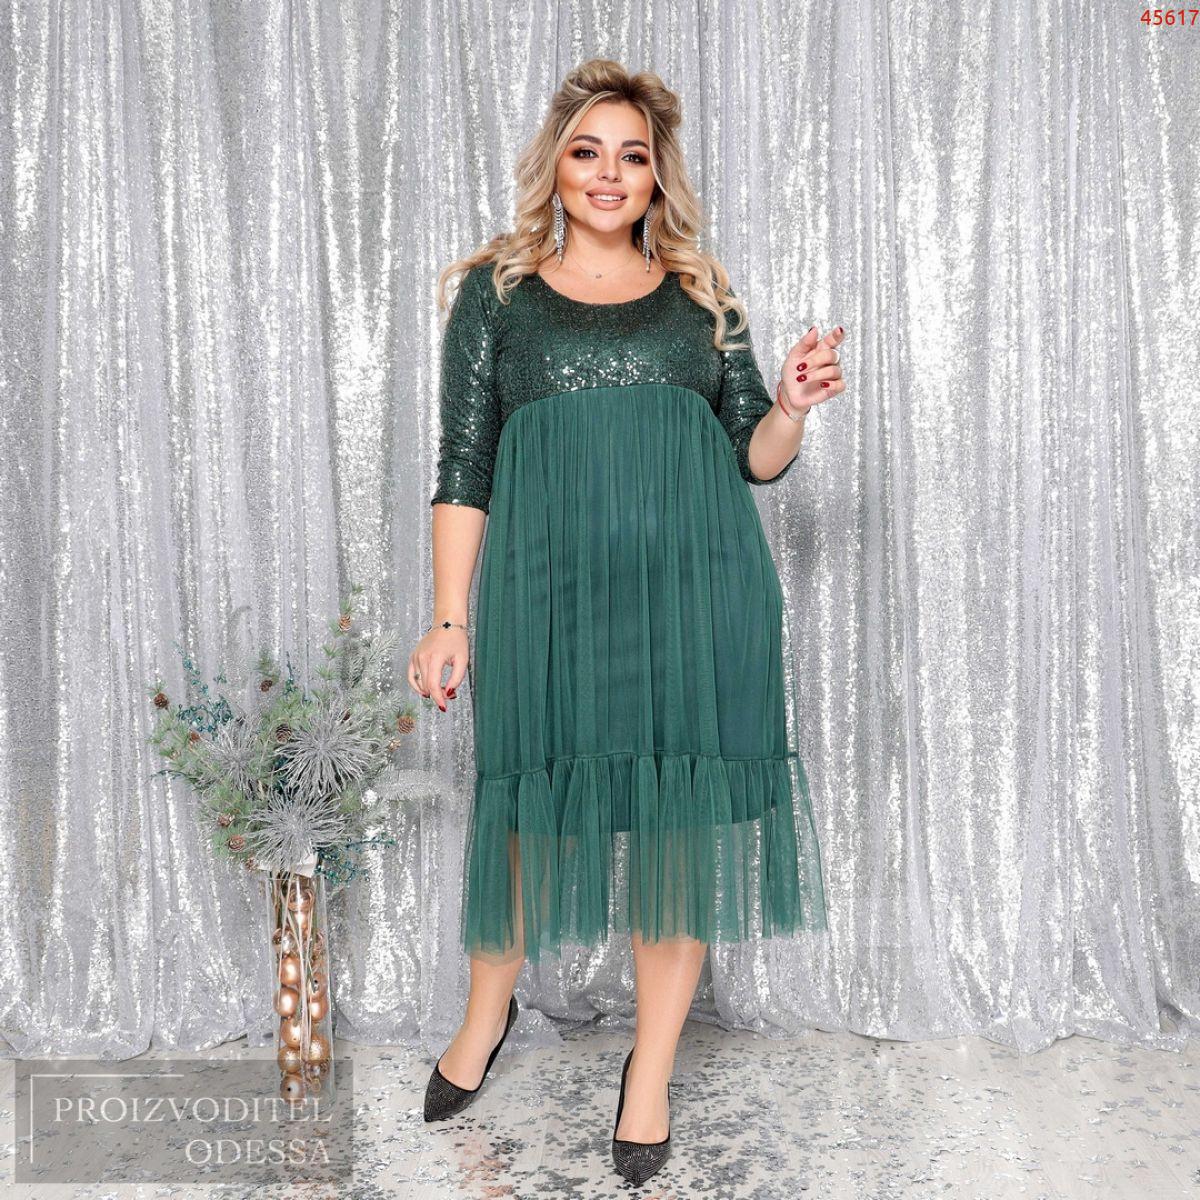 Платье №45617